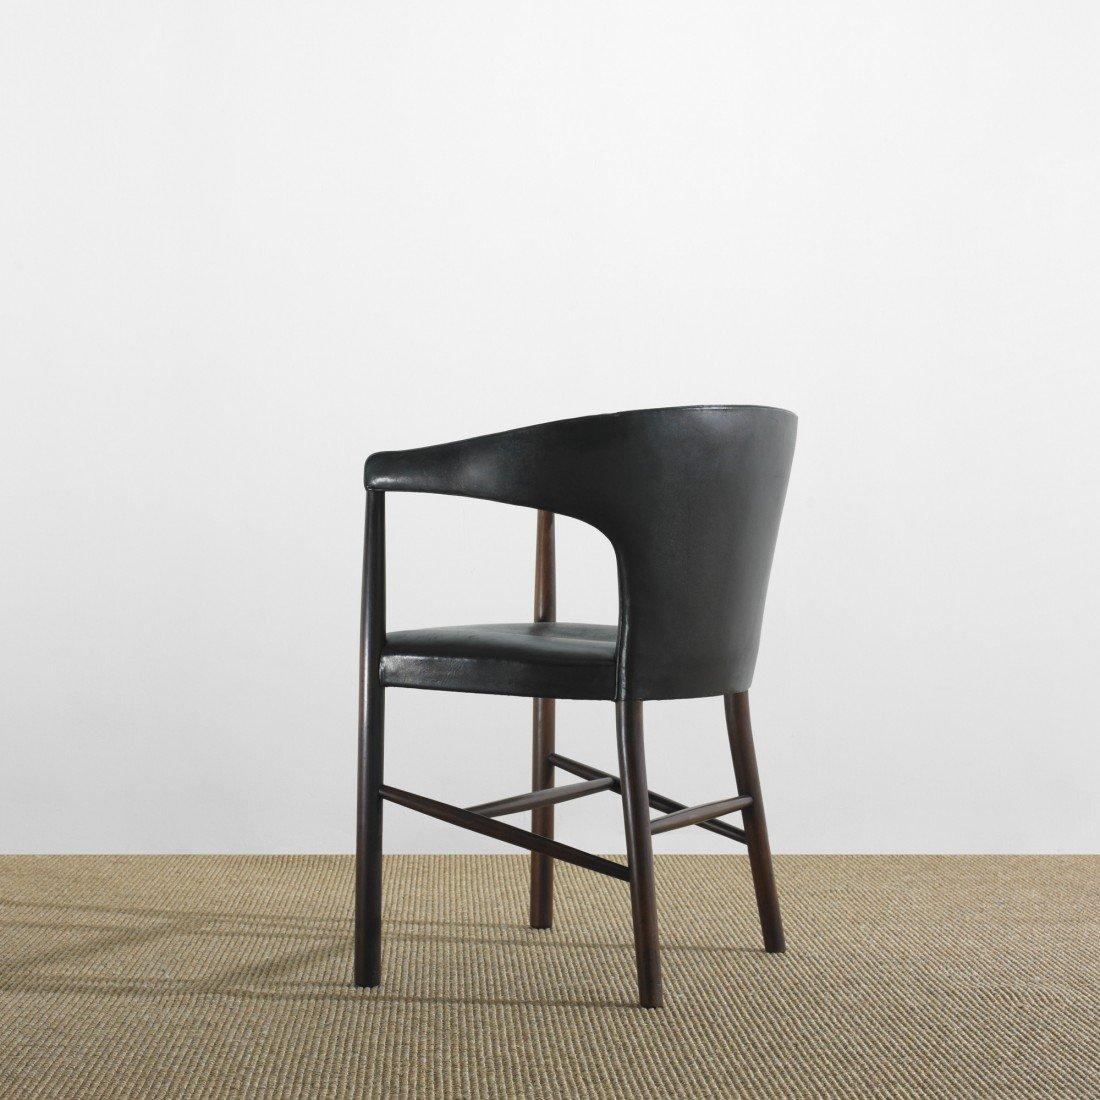 105: Jacob Kjaer armchair, model B-48